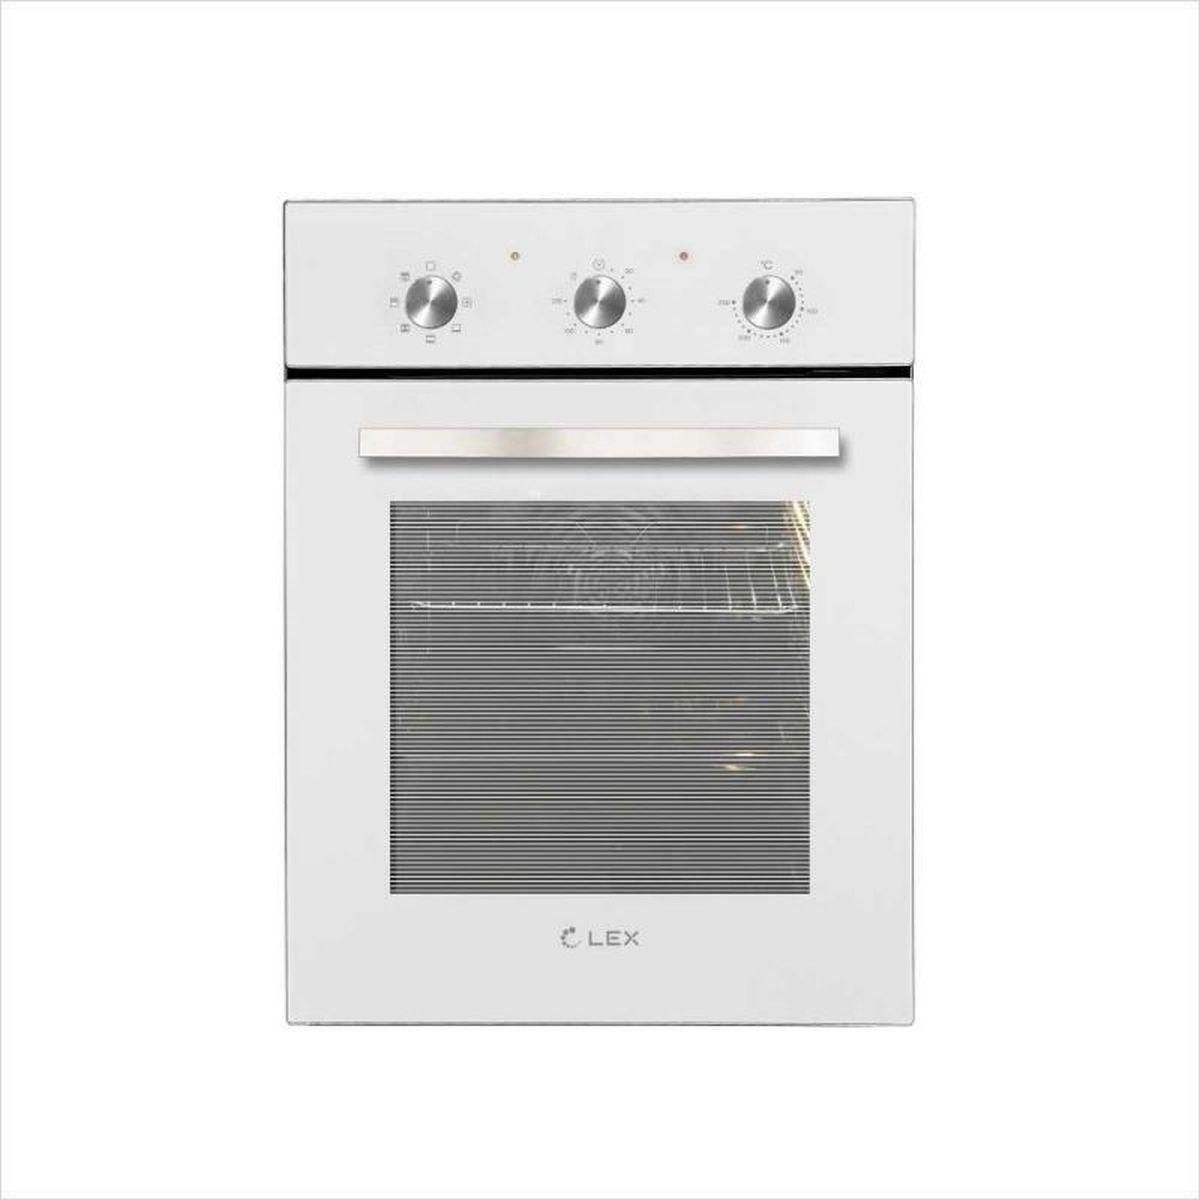 Духовой шкаф электрический Lex EDM 4570 WH, стекло белое, нержавеющая сталь